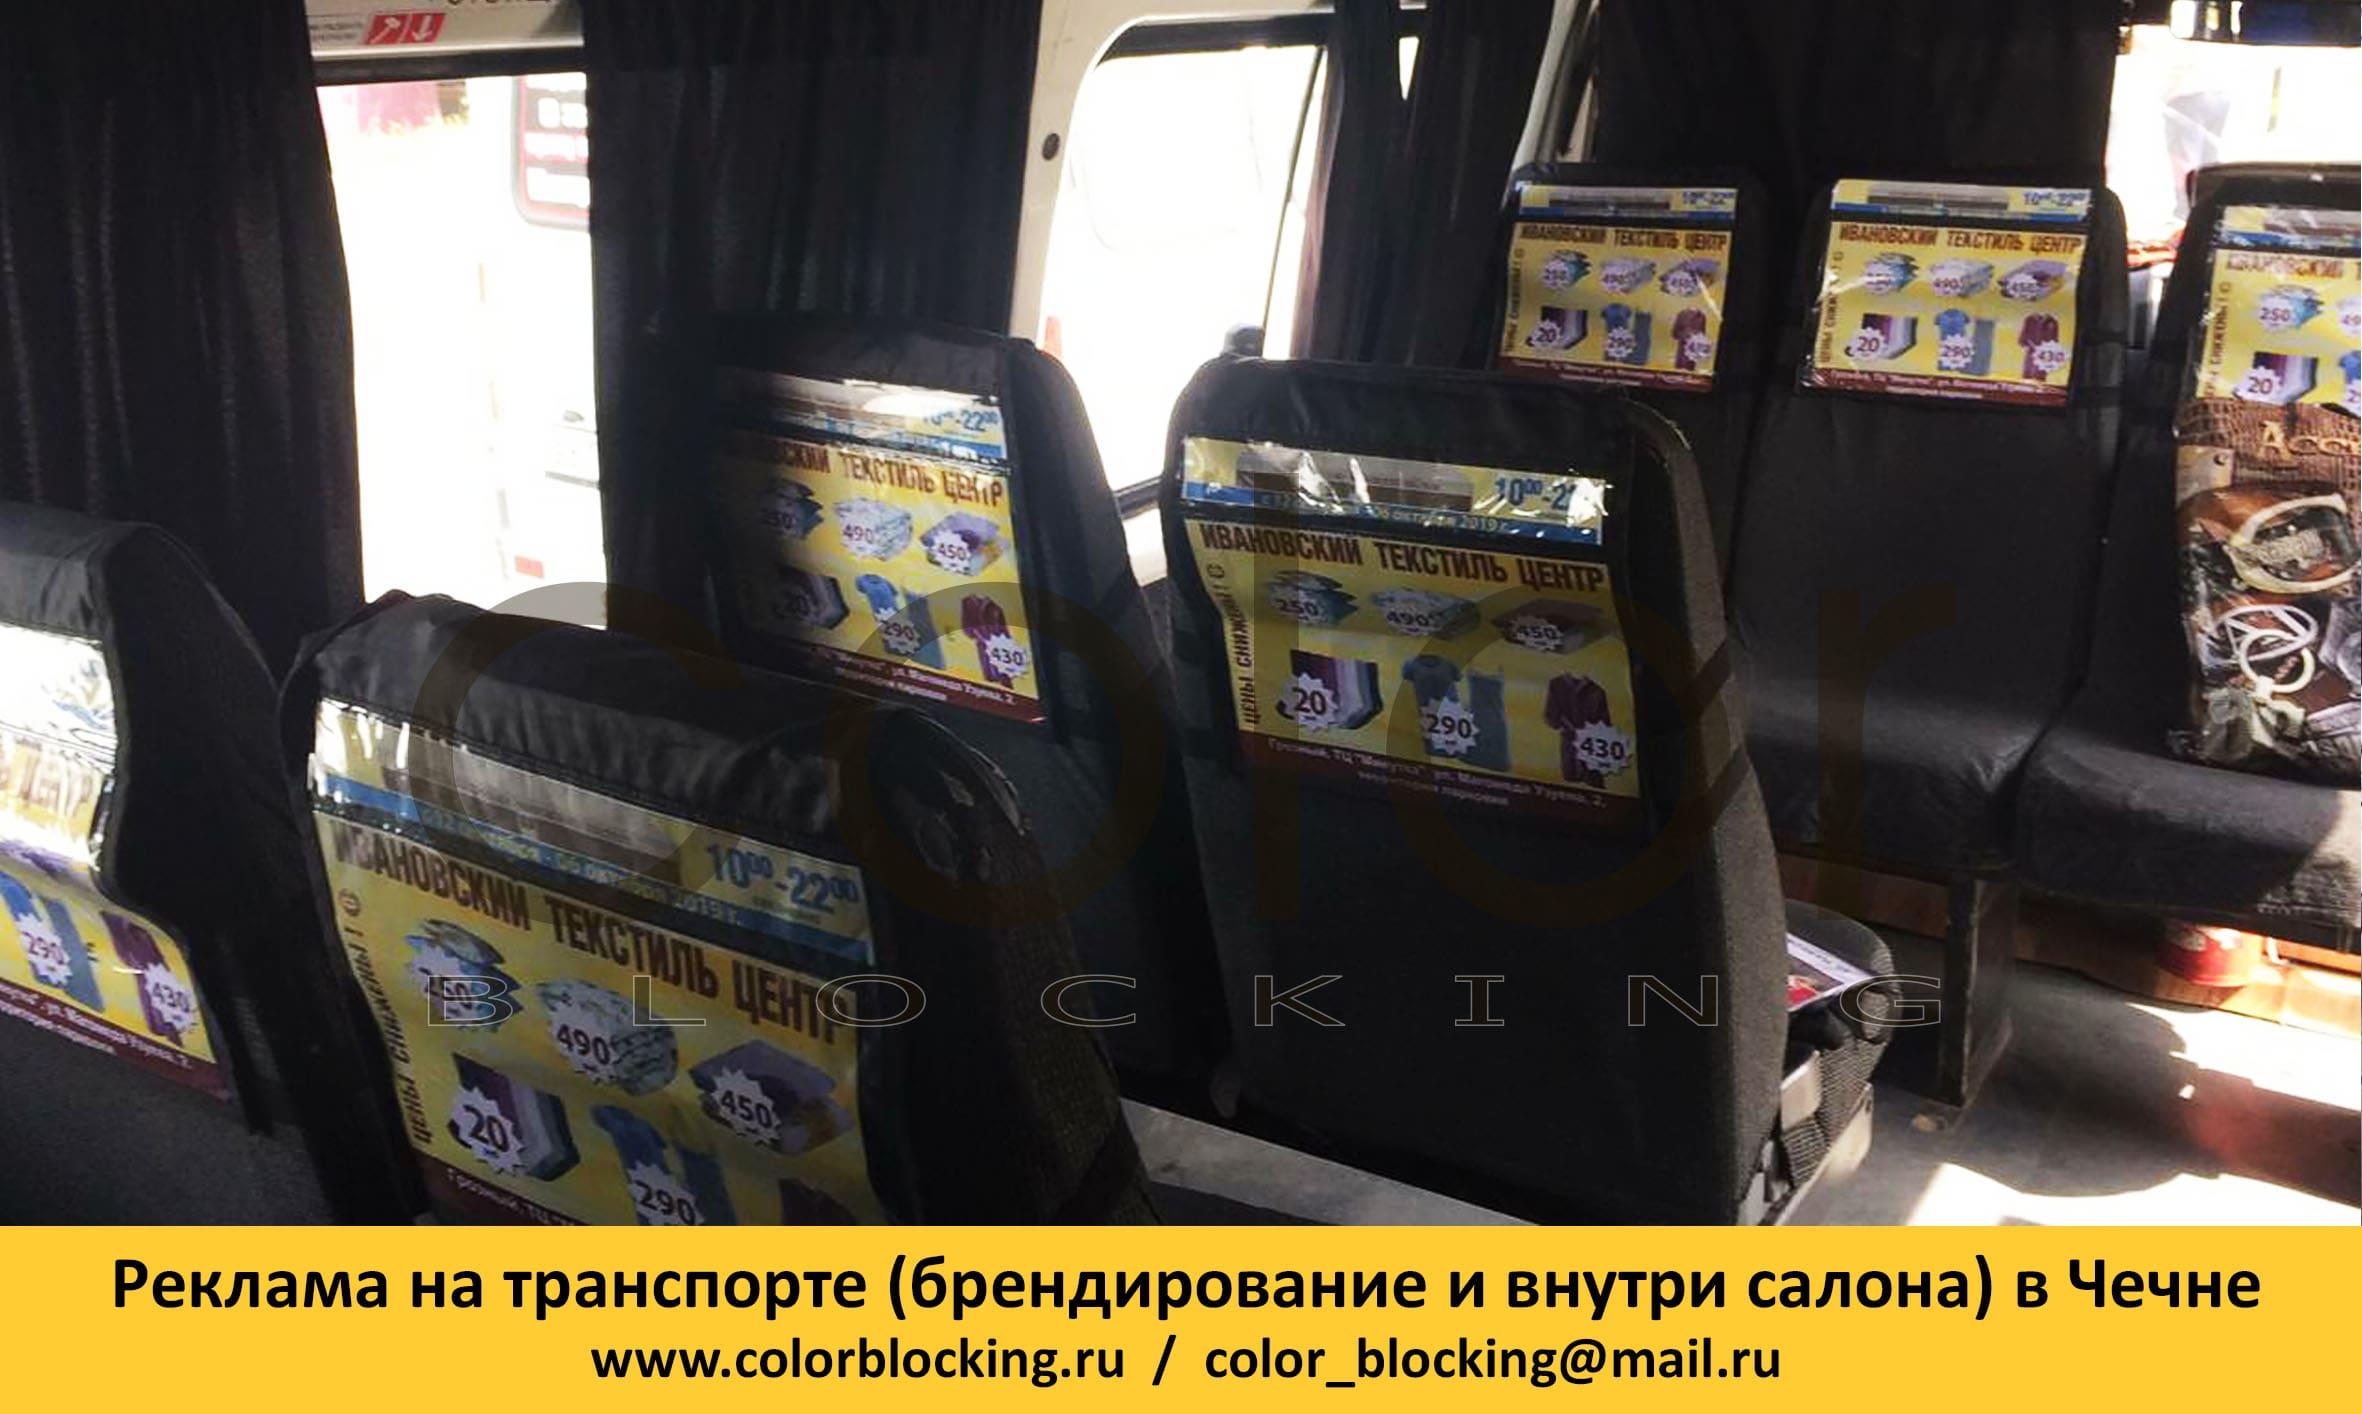 Реклама на транспорте в Аргуне внутри